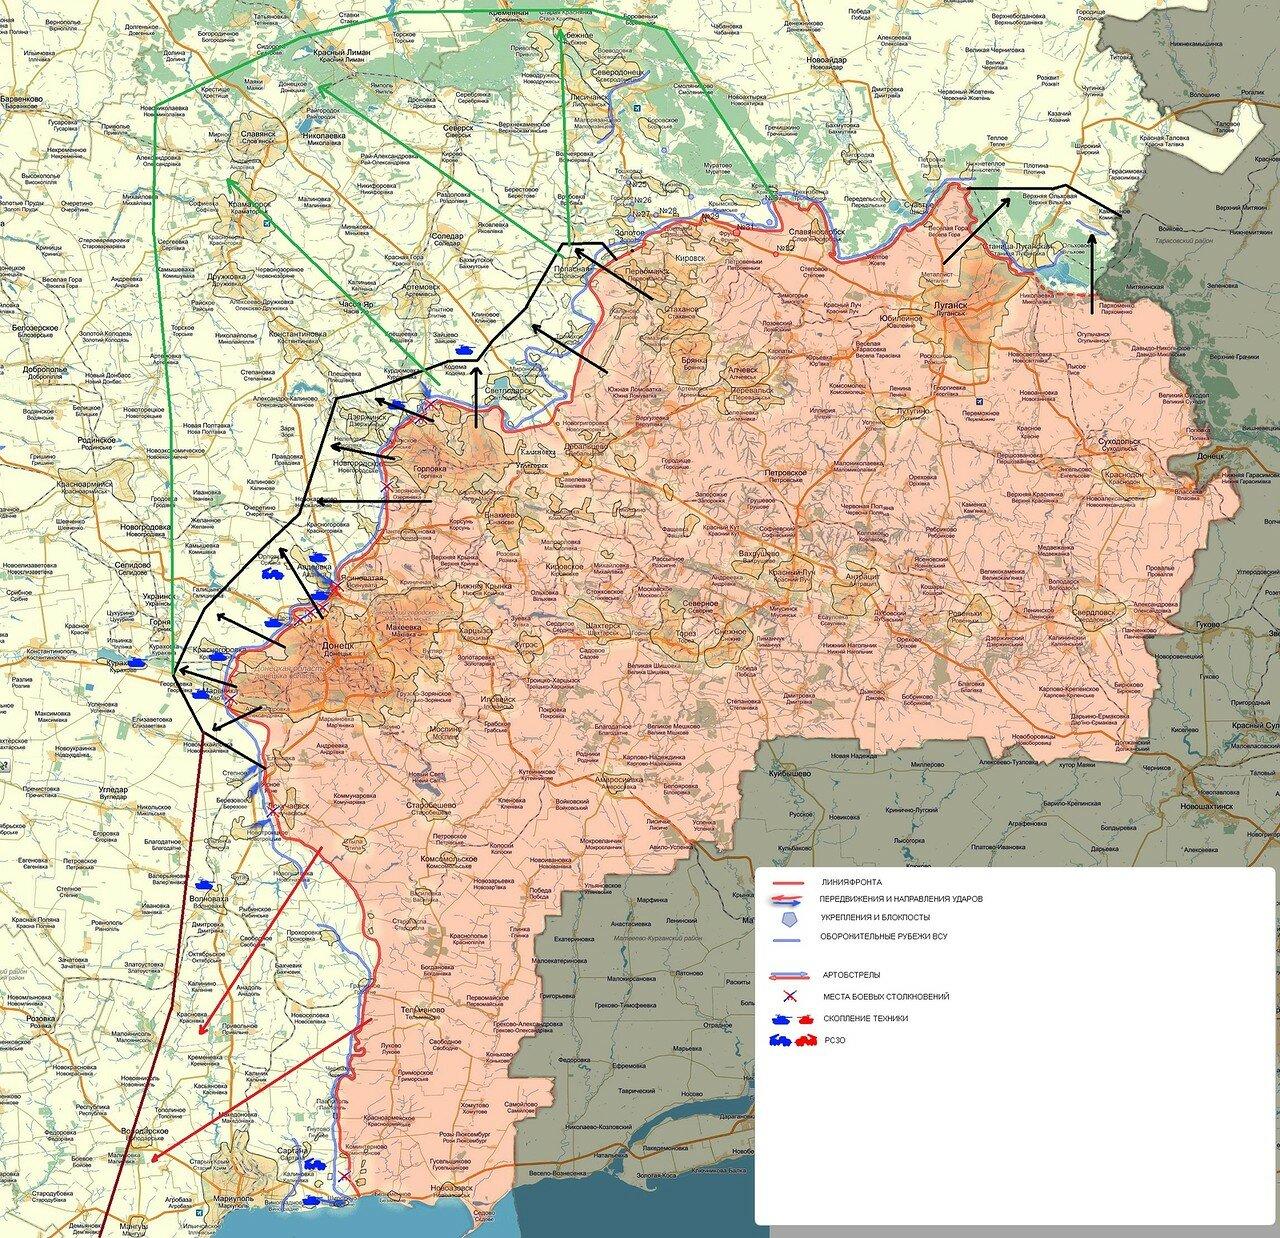 karta-linii-razgranicheniya-fronta-donbasse-hq.jpg